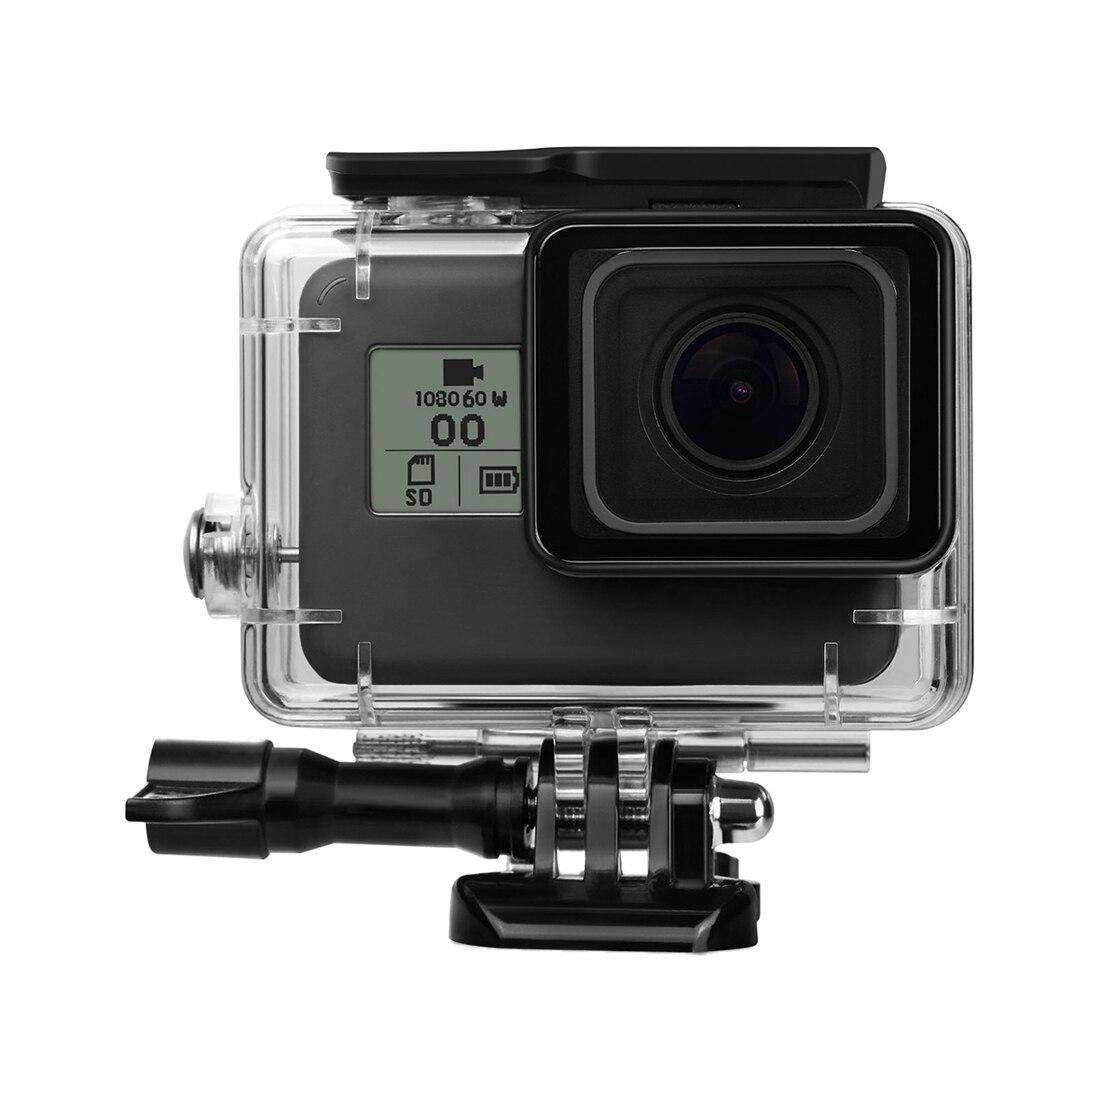 45 Mt Unterwasser Wasserdichte Schutz Gehäuse mit Schnellwechselhalterung und Flügelschraube für GoPro HERO 5 Action Camcorder